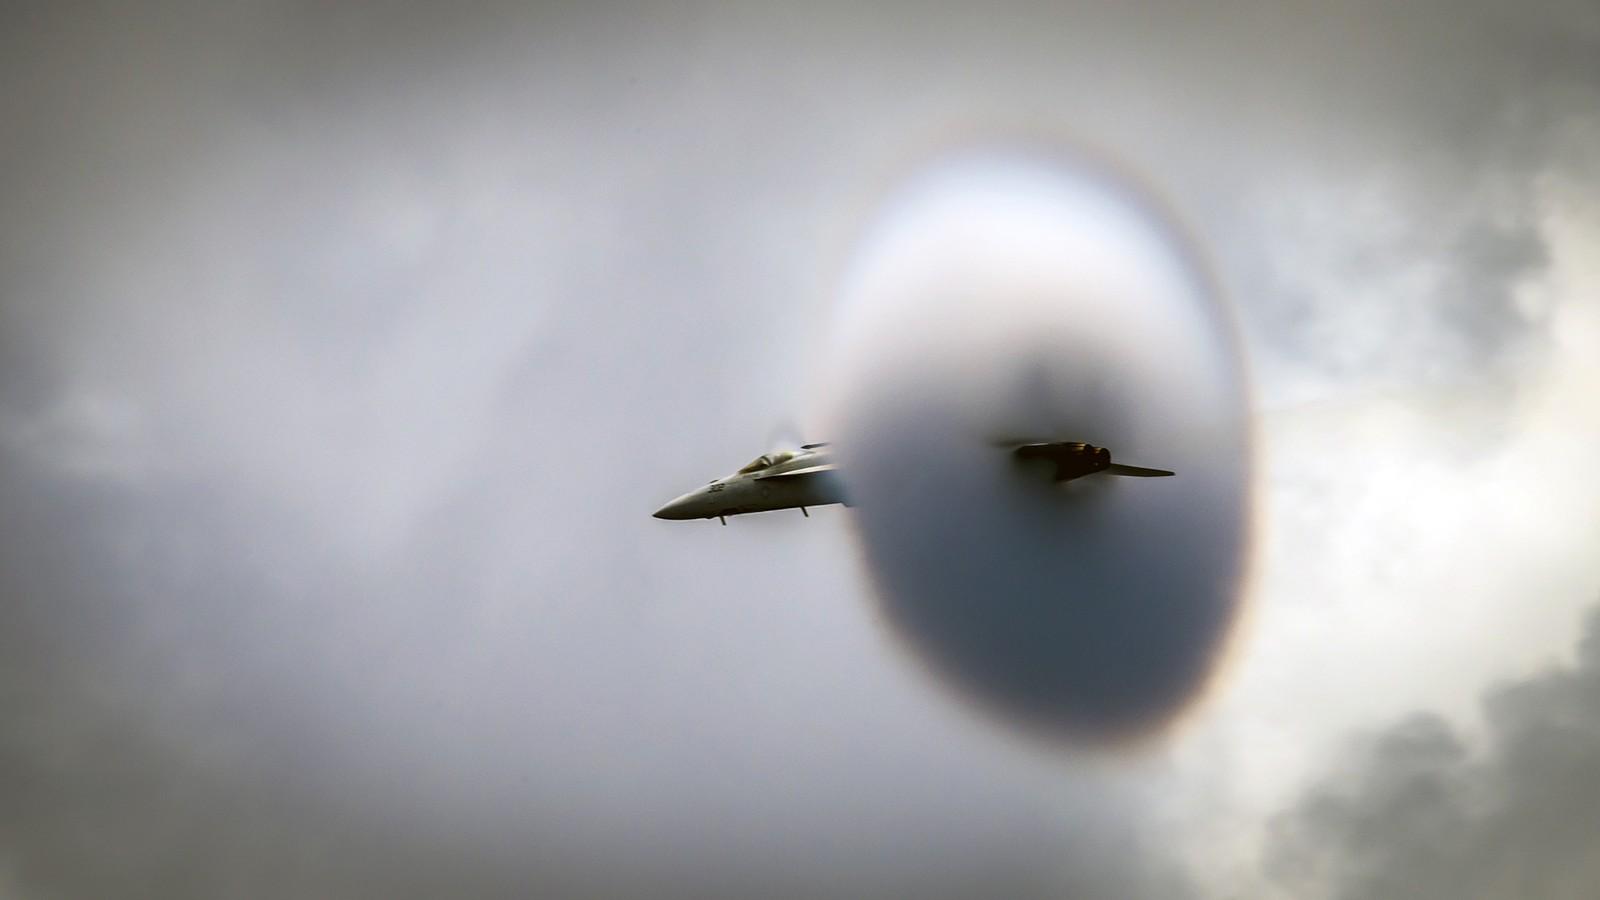 """Et amerikansk jagerfly viser ferdigheter i lufta. Flyet er av typen F/A-18E Super Hornet, og i marinens eget språk kalles det vi ser på bildet for """"a high-speed flyby""""."""